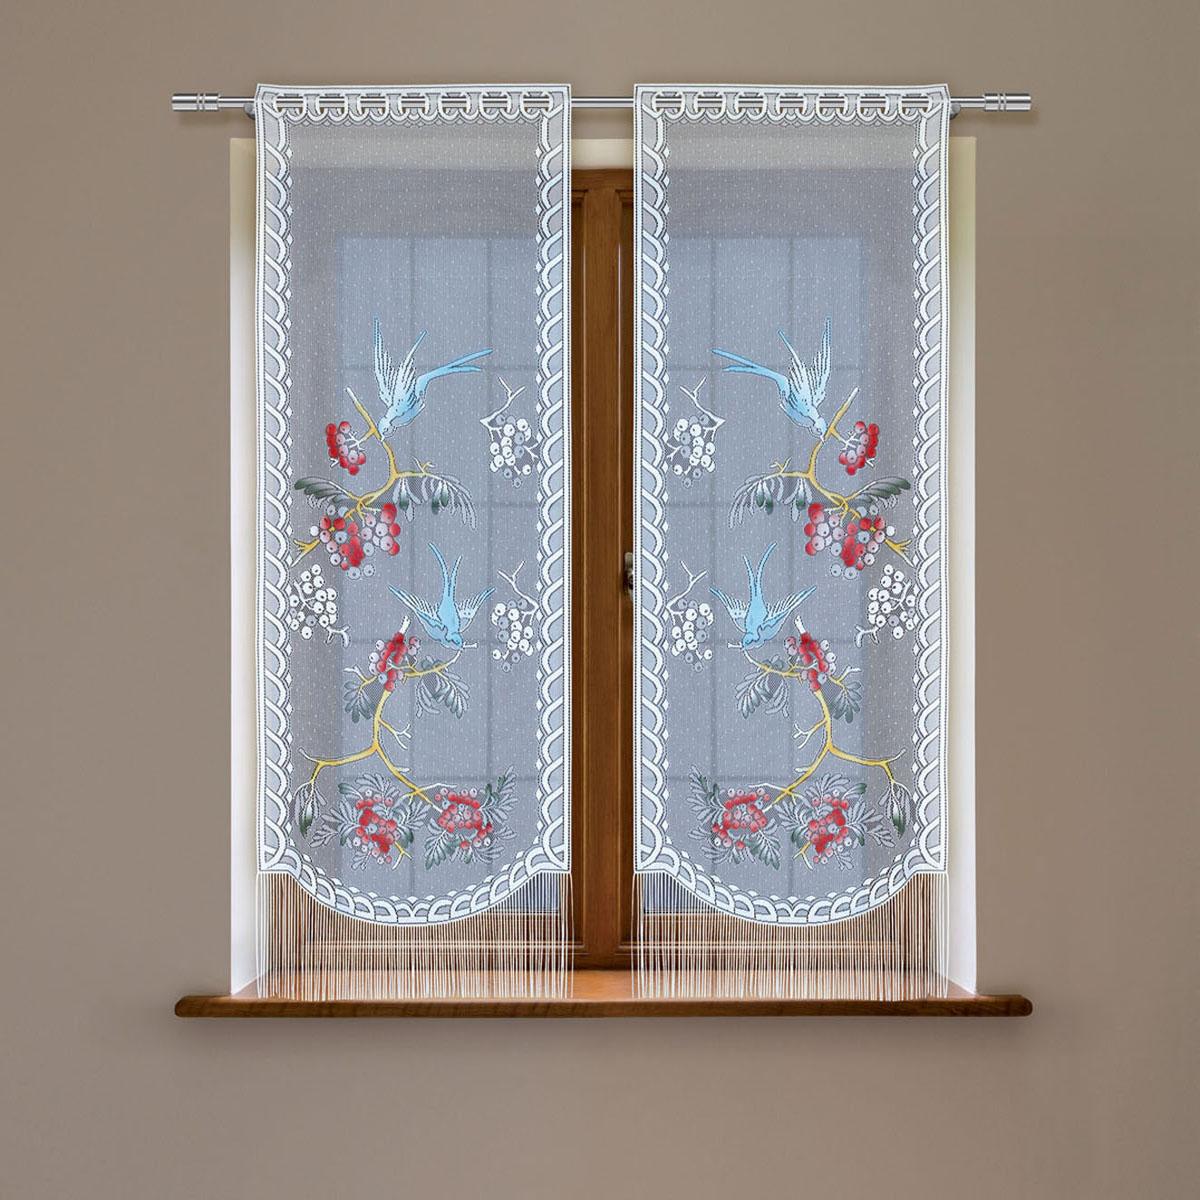 Гардина Haft, цвет: белый, высота 120 см. 5383D/60S03301004Гардина имеет в верхней части полотна прорези, через которые гардина-витраж вывешивается на карниз или можно крепить на зажим для штор,котрый в комплект не входит.Комплект состоит из двух полотен (выс.120* шир.60) Размеры: (высота 120* ширина 60)*2